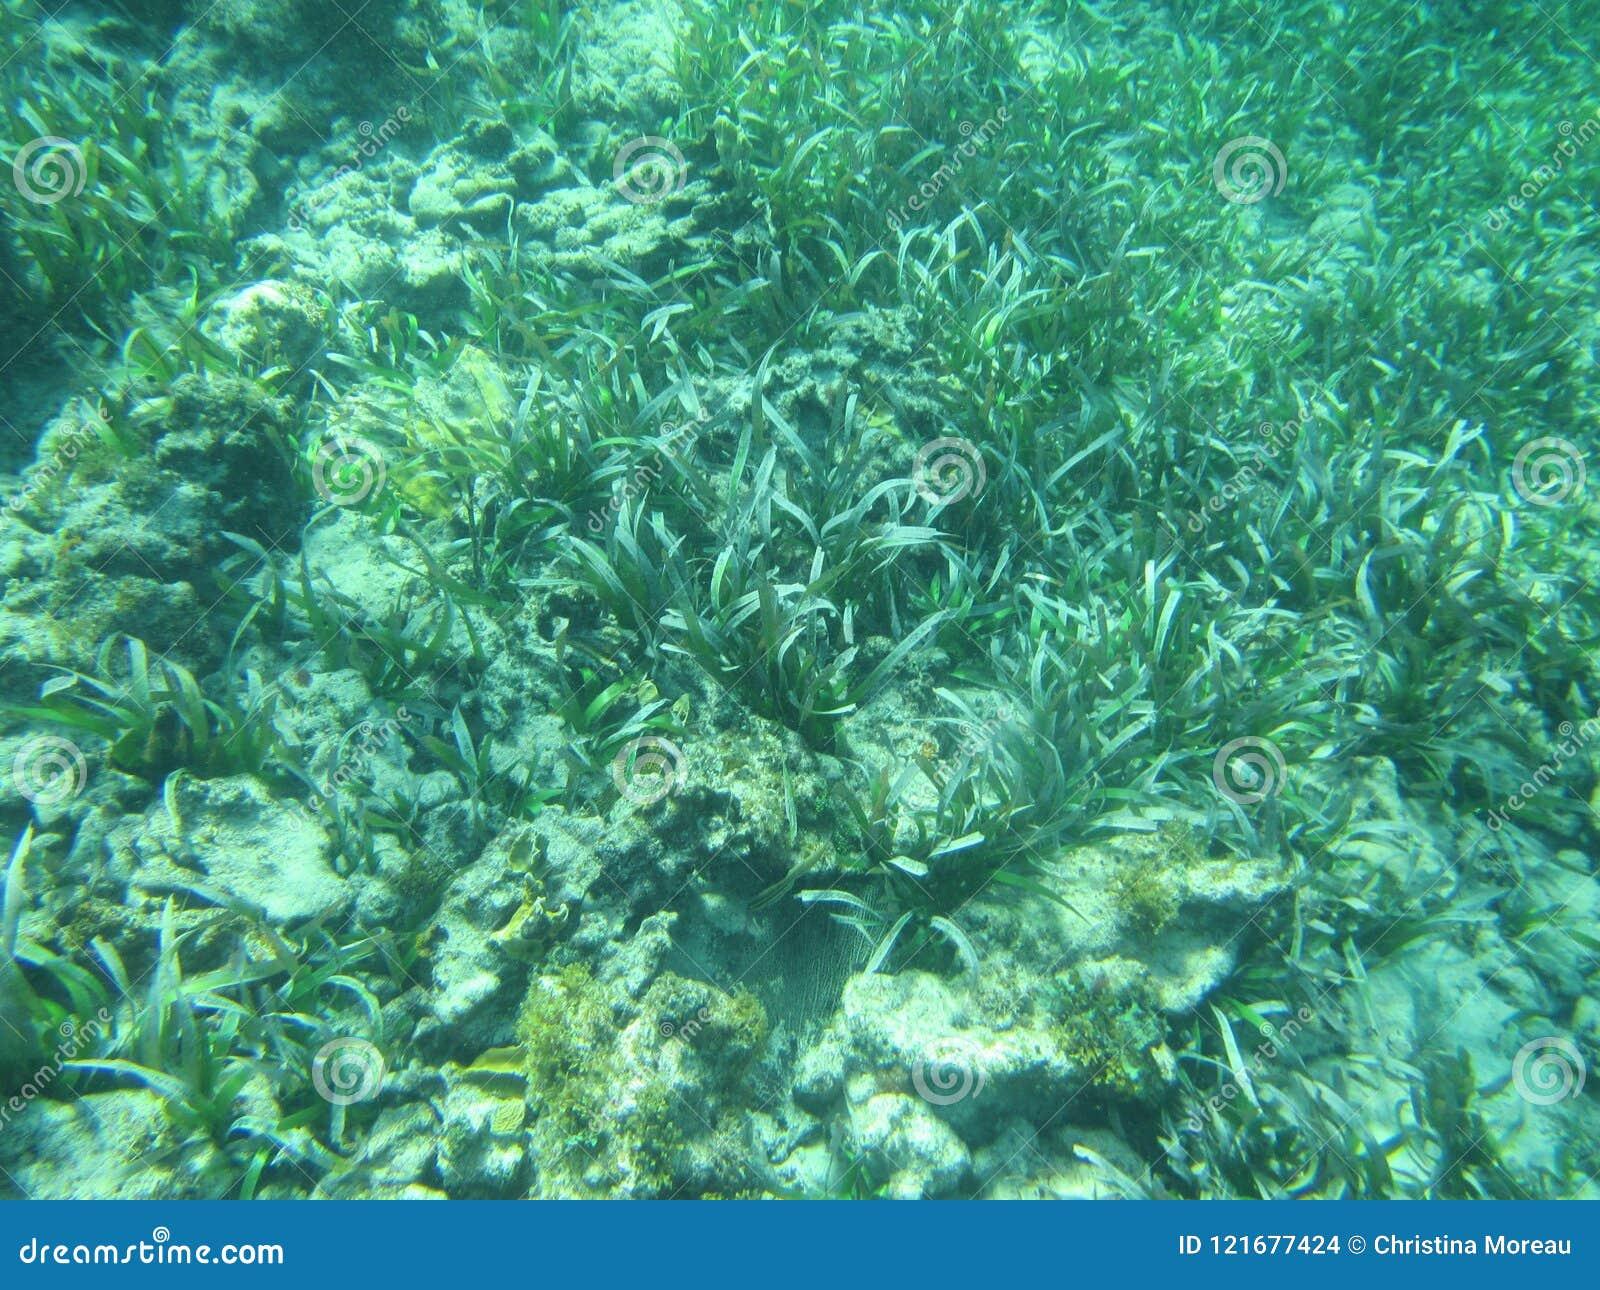 Thalassia testudinum żółwia żołnierza piechoty morskiej i trawy seagrass łóżka